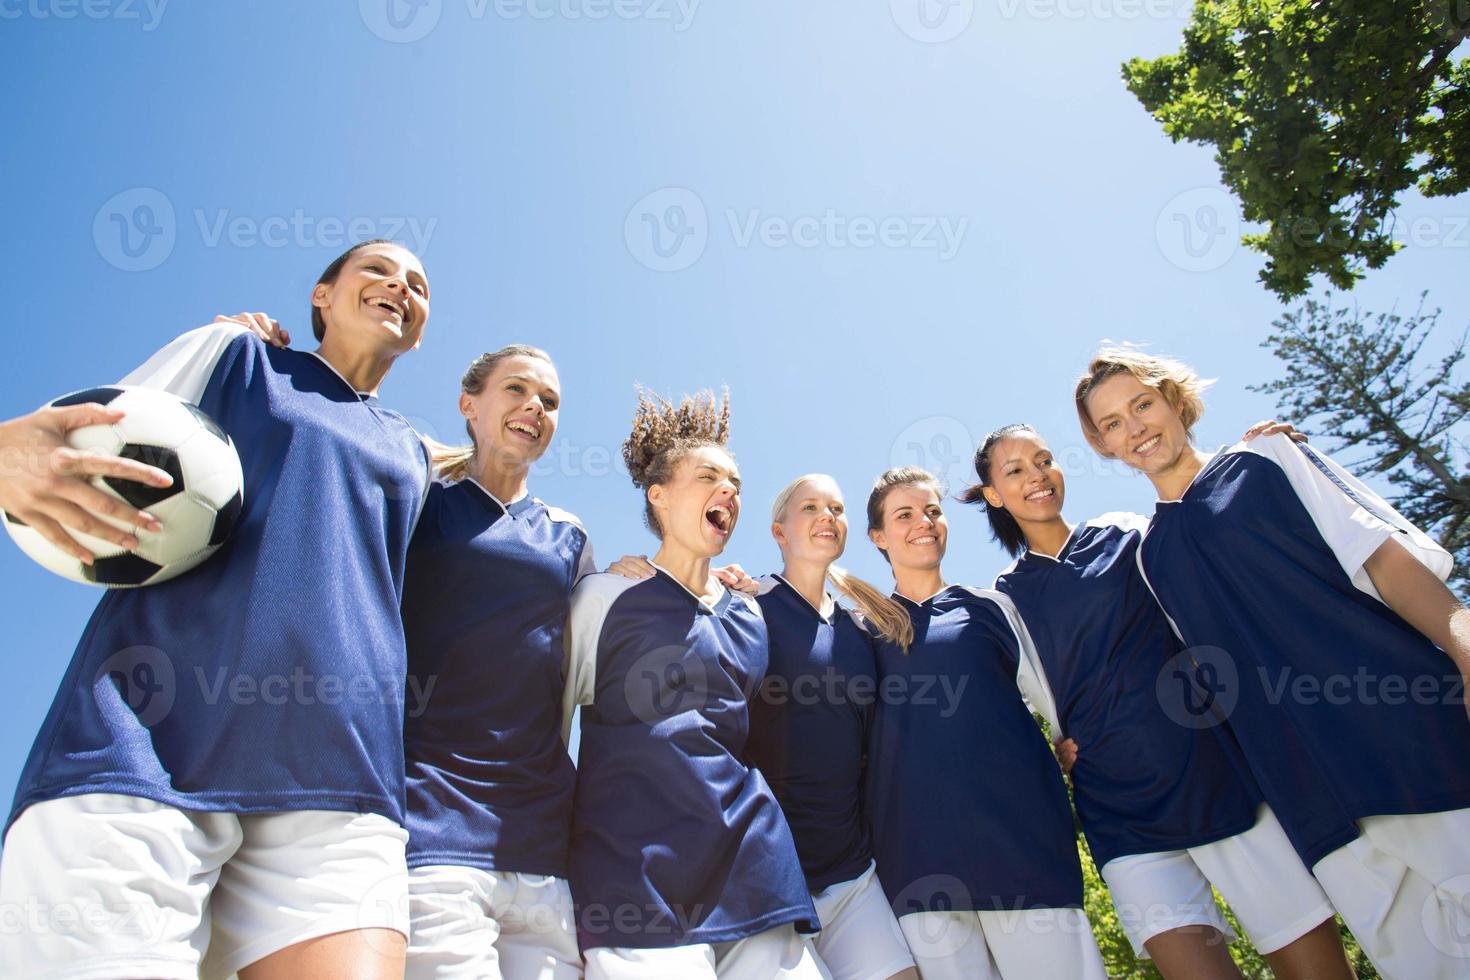 mooie voetballers glimlachen op camera foto